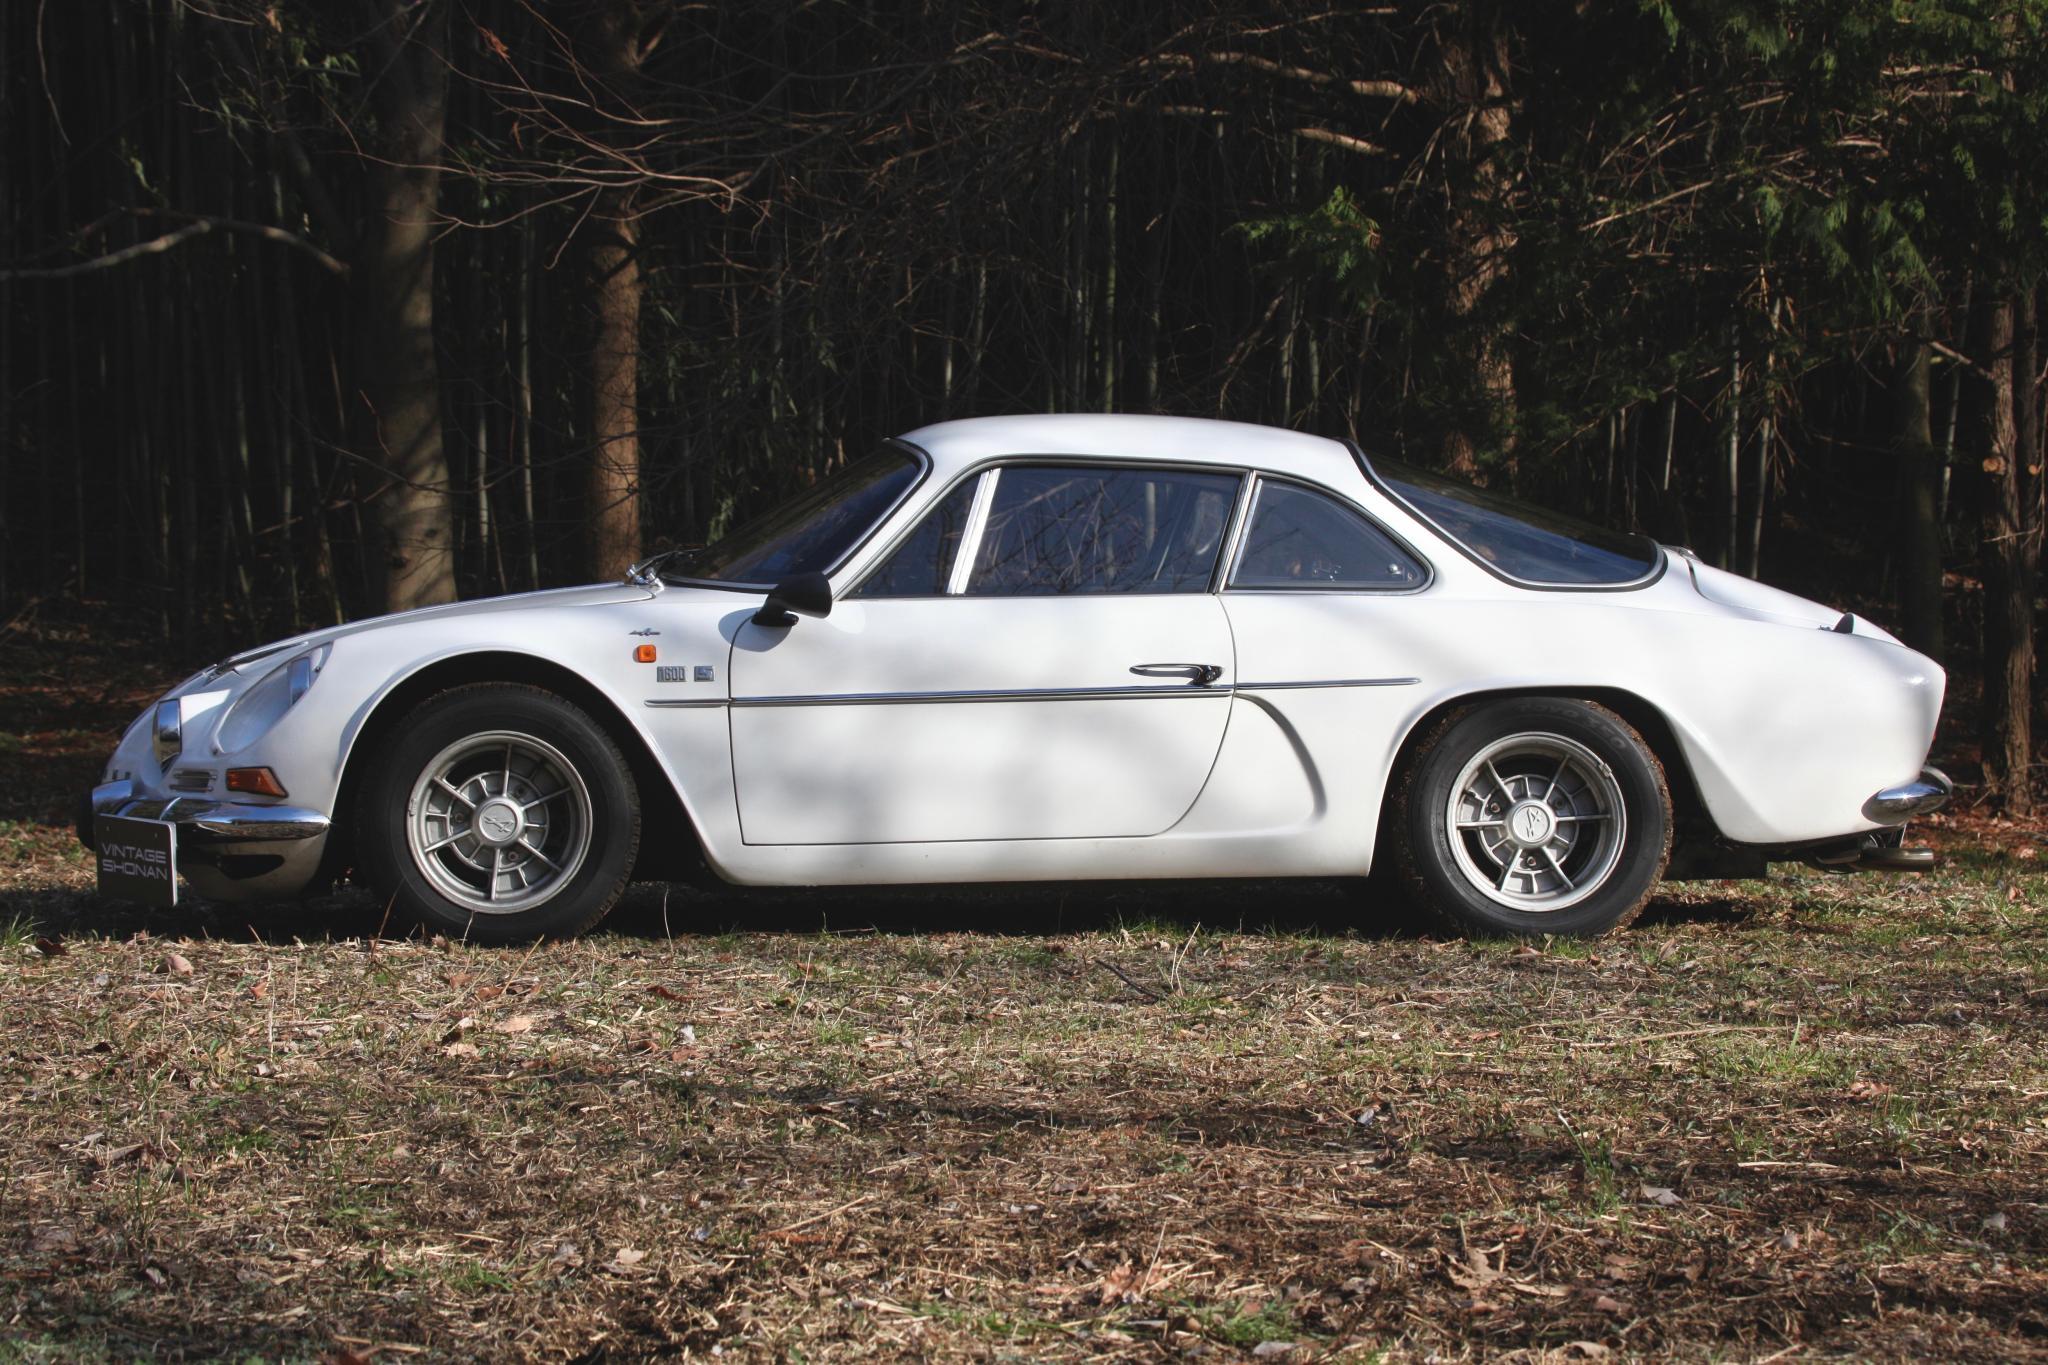 ヴィンテージカー販売 ルノーアルピーヌA110